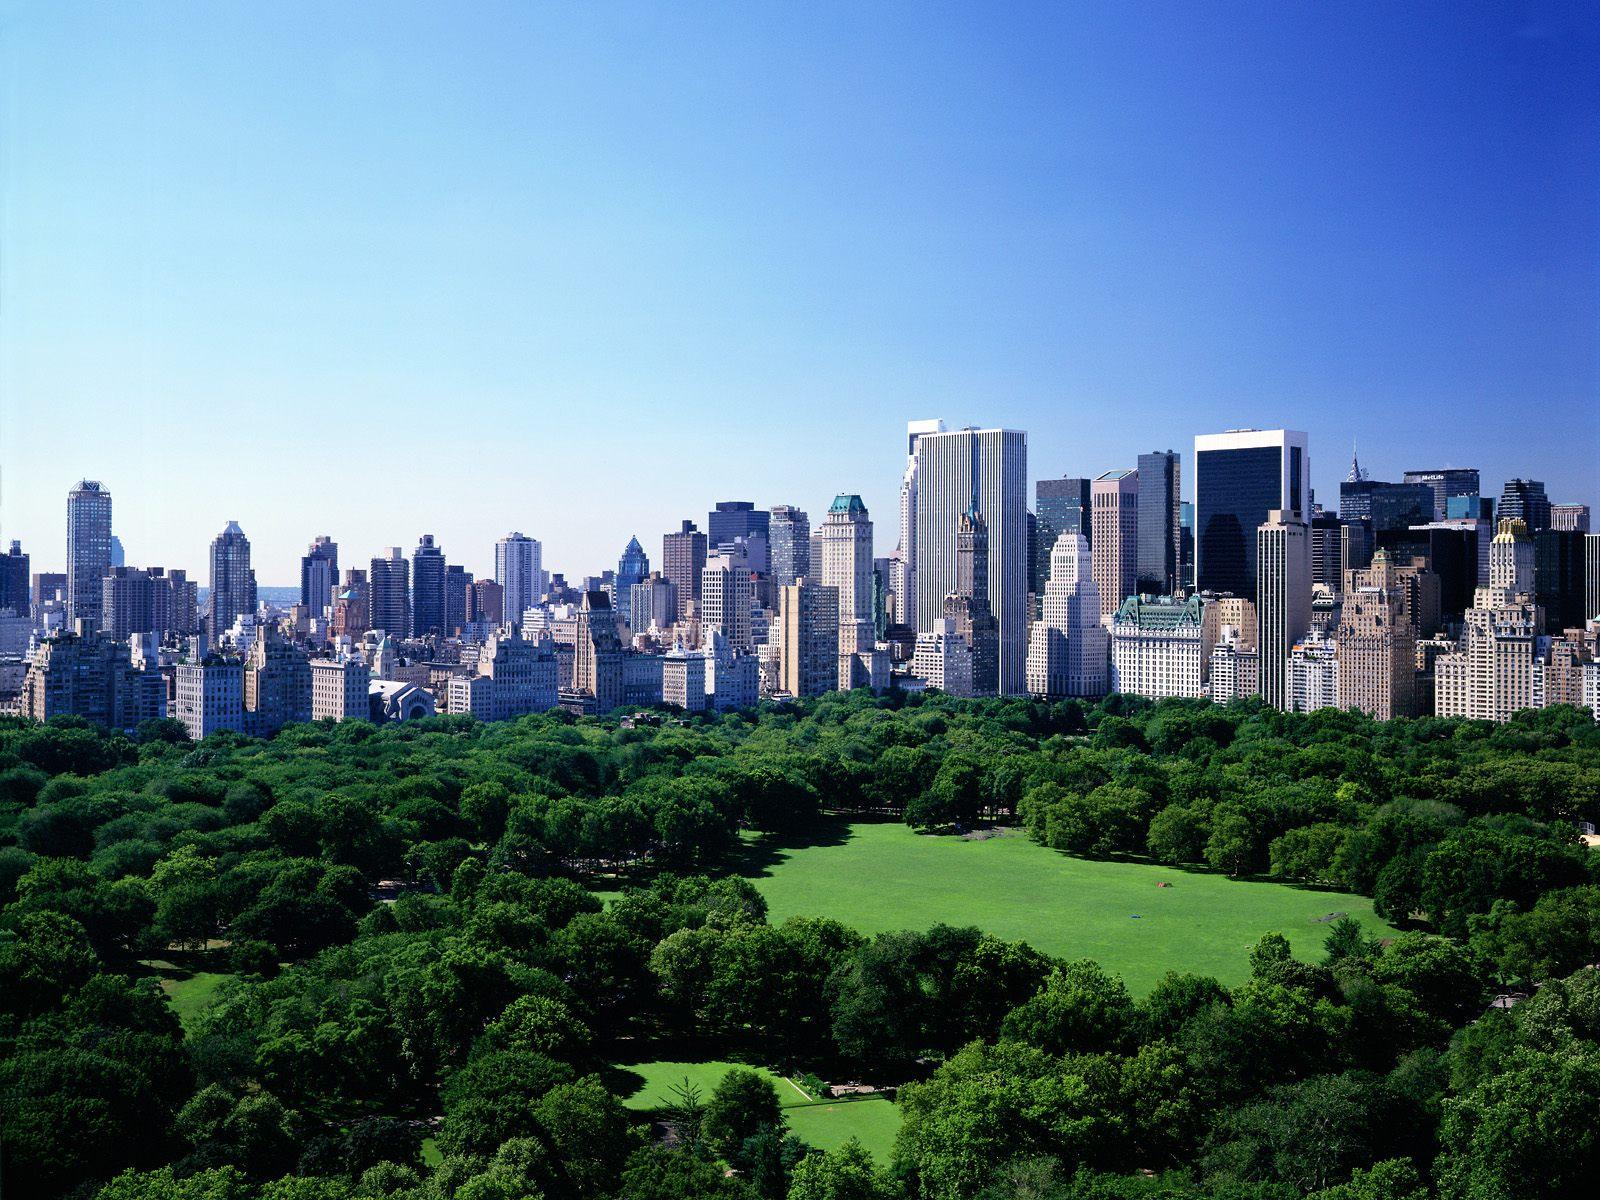 Stad new york achtergronden hd new york wallpapers foto afbeelding 32 1600x1200